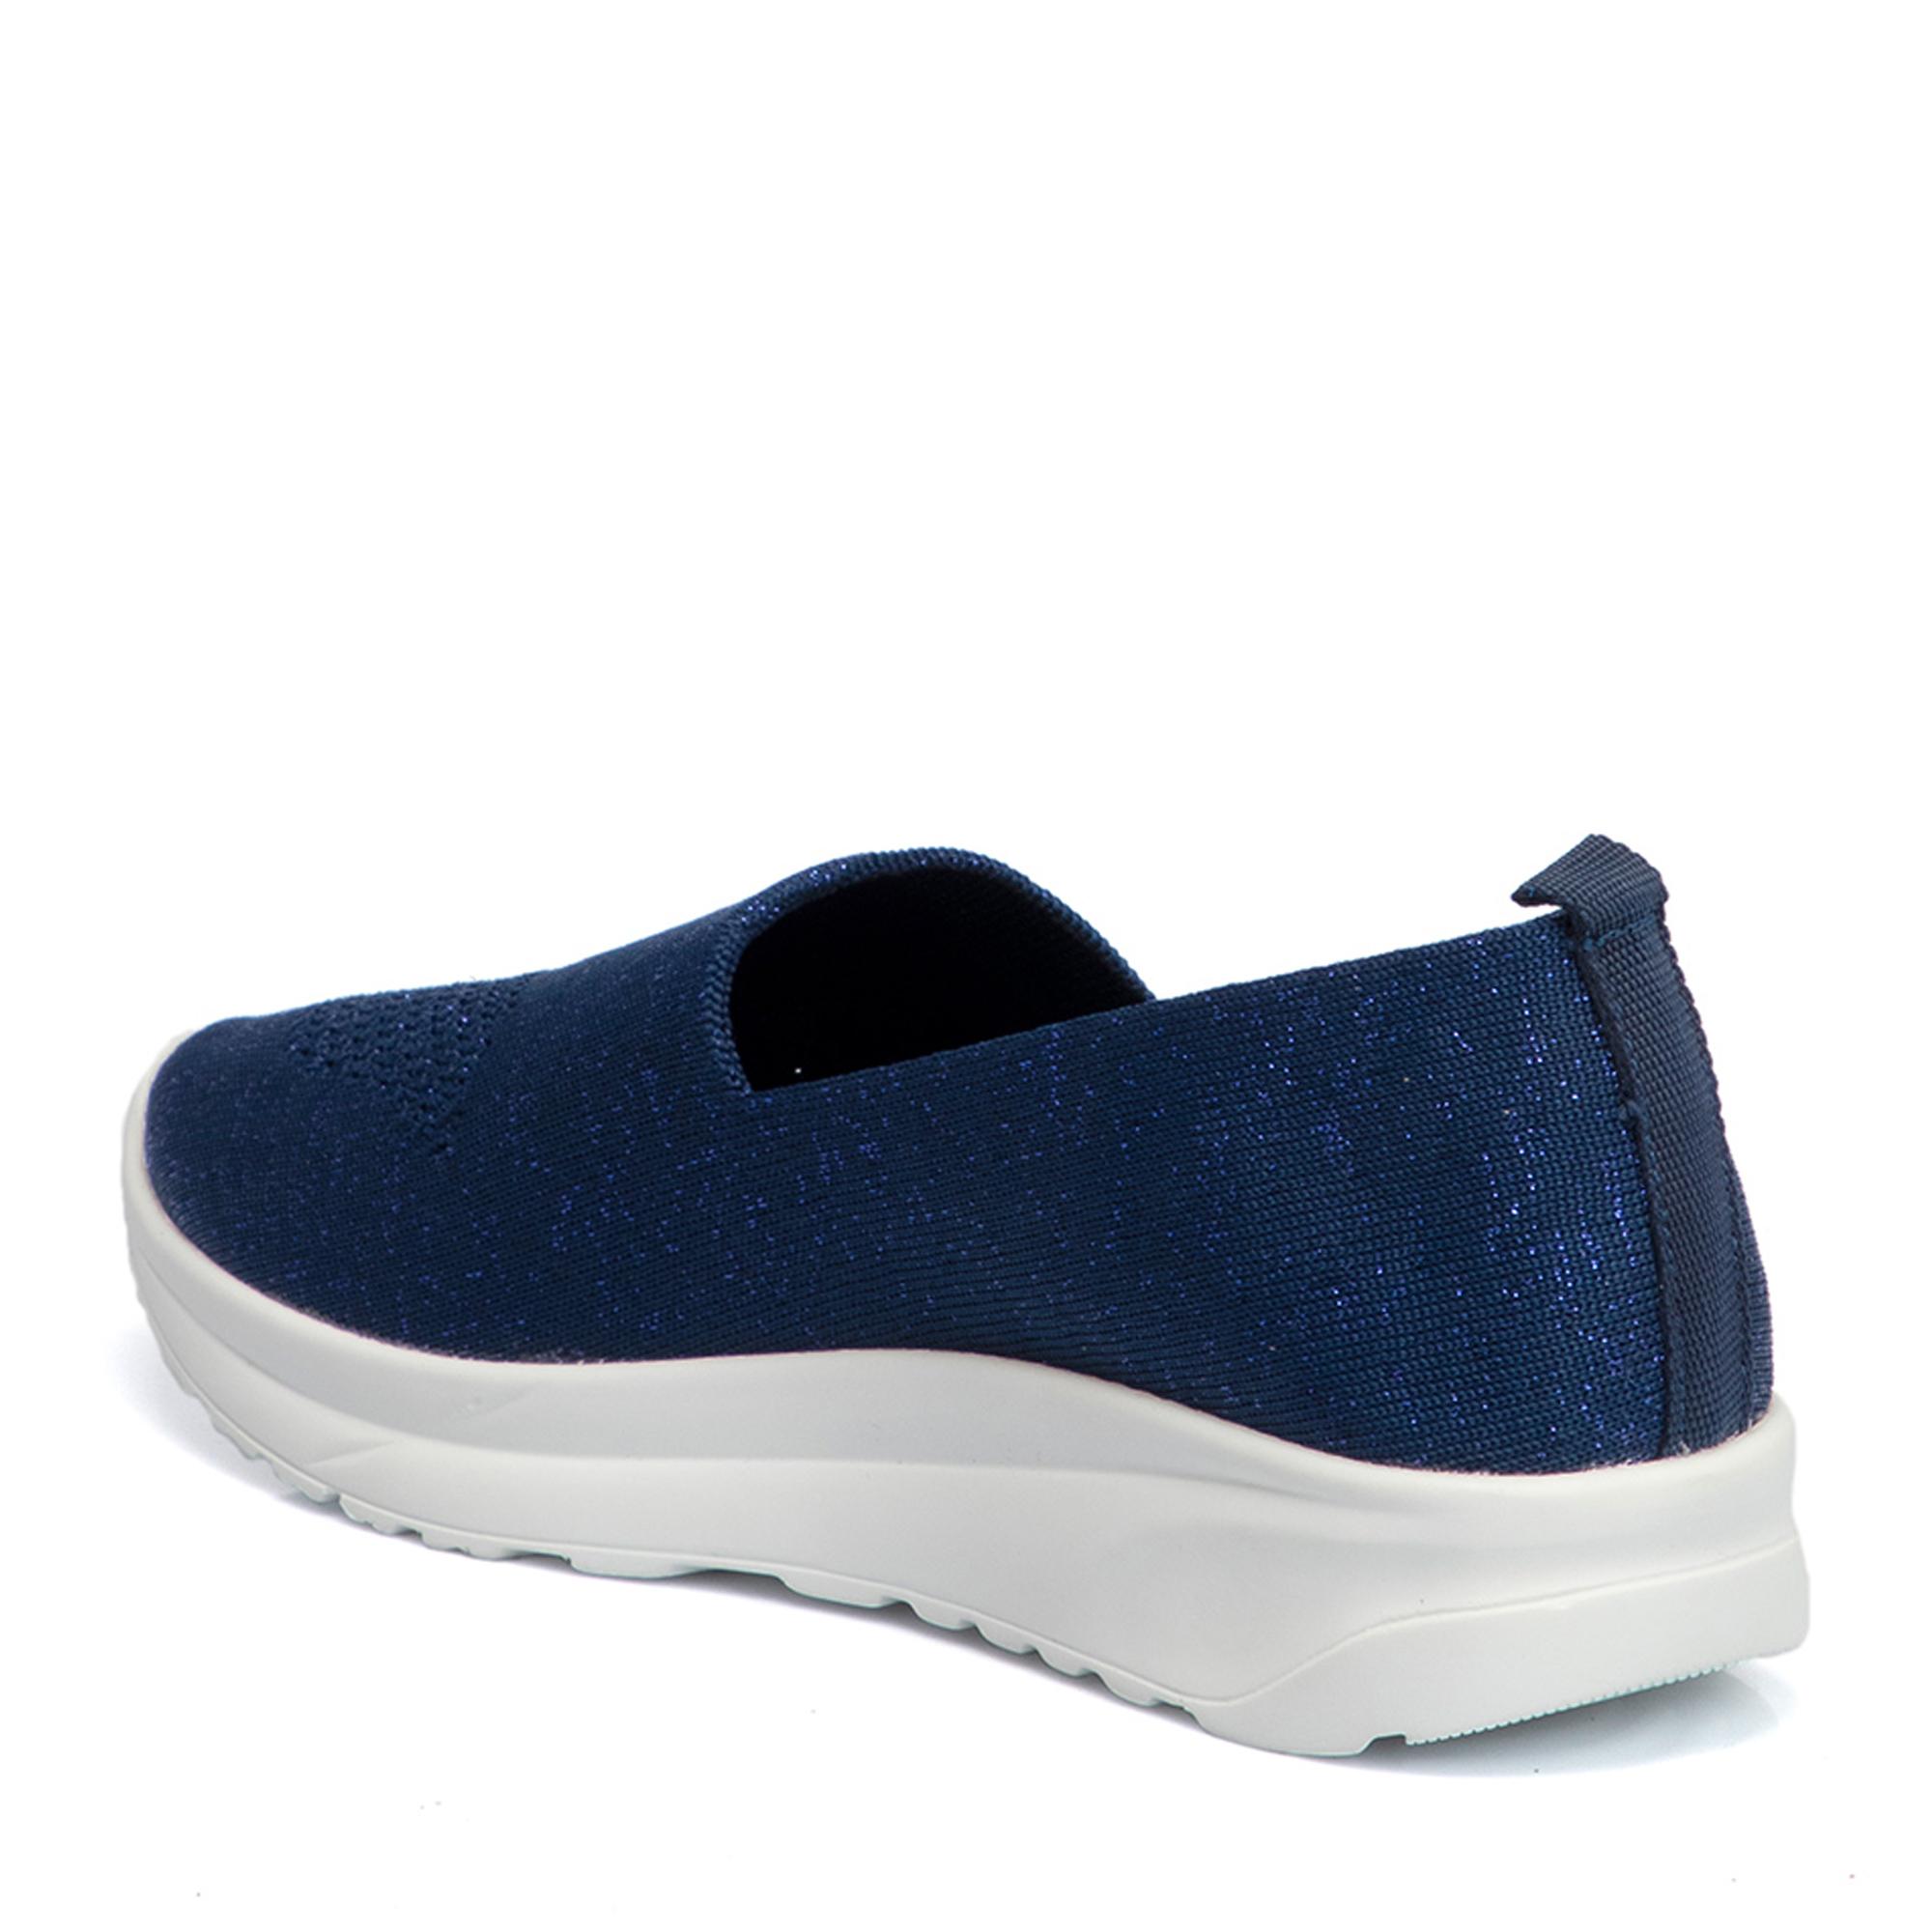 Lacivert Deri Kadın Ayakkabı 64504B20